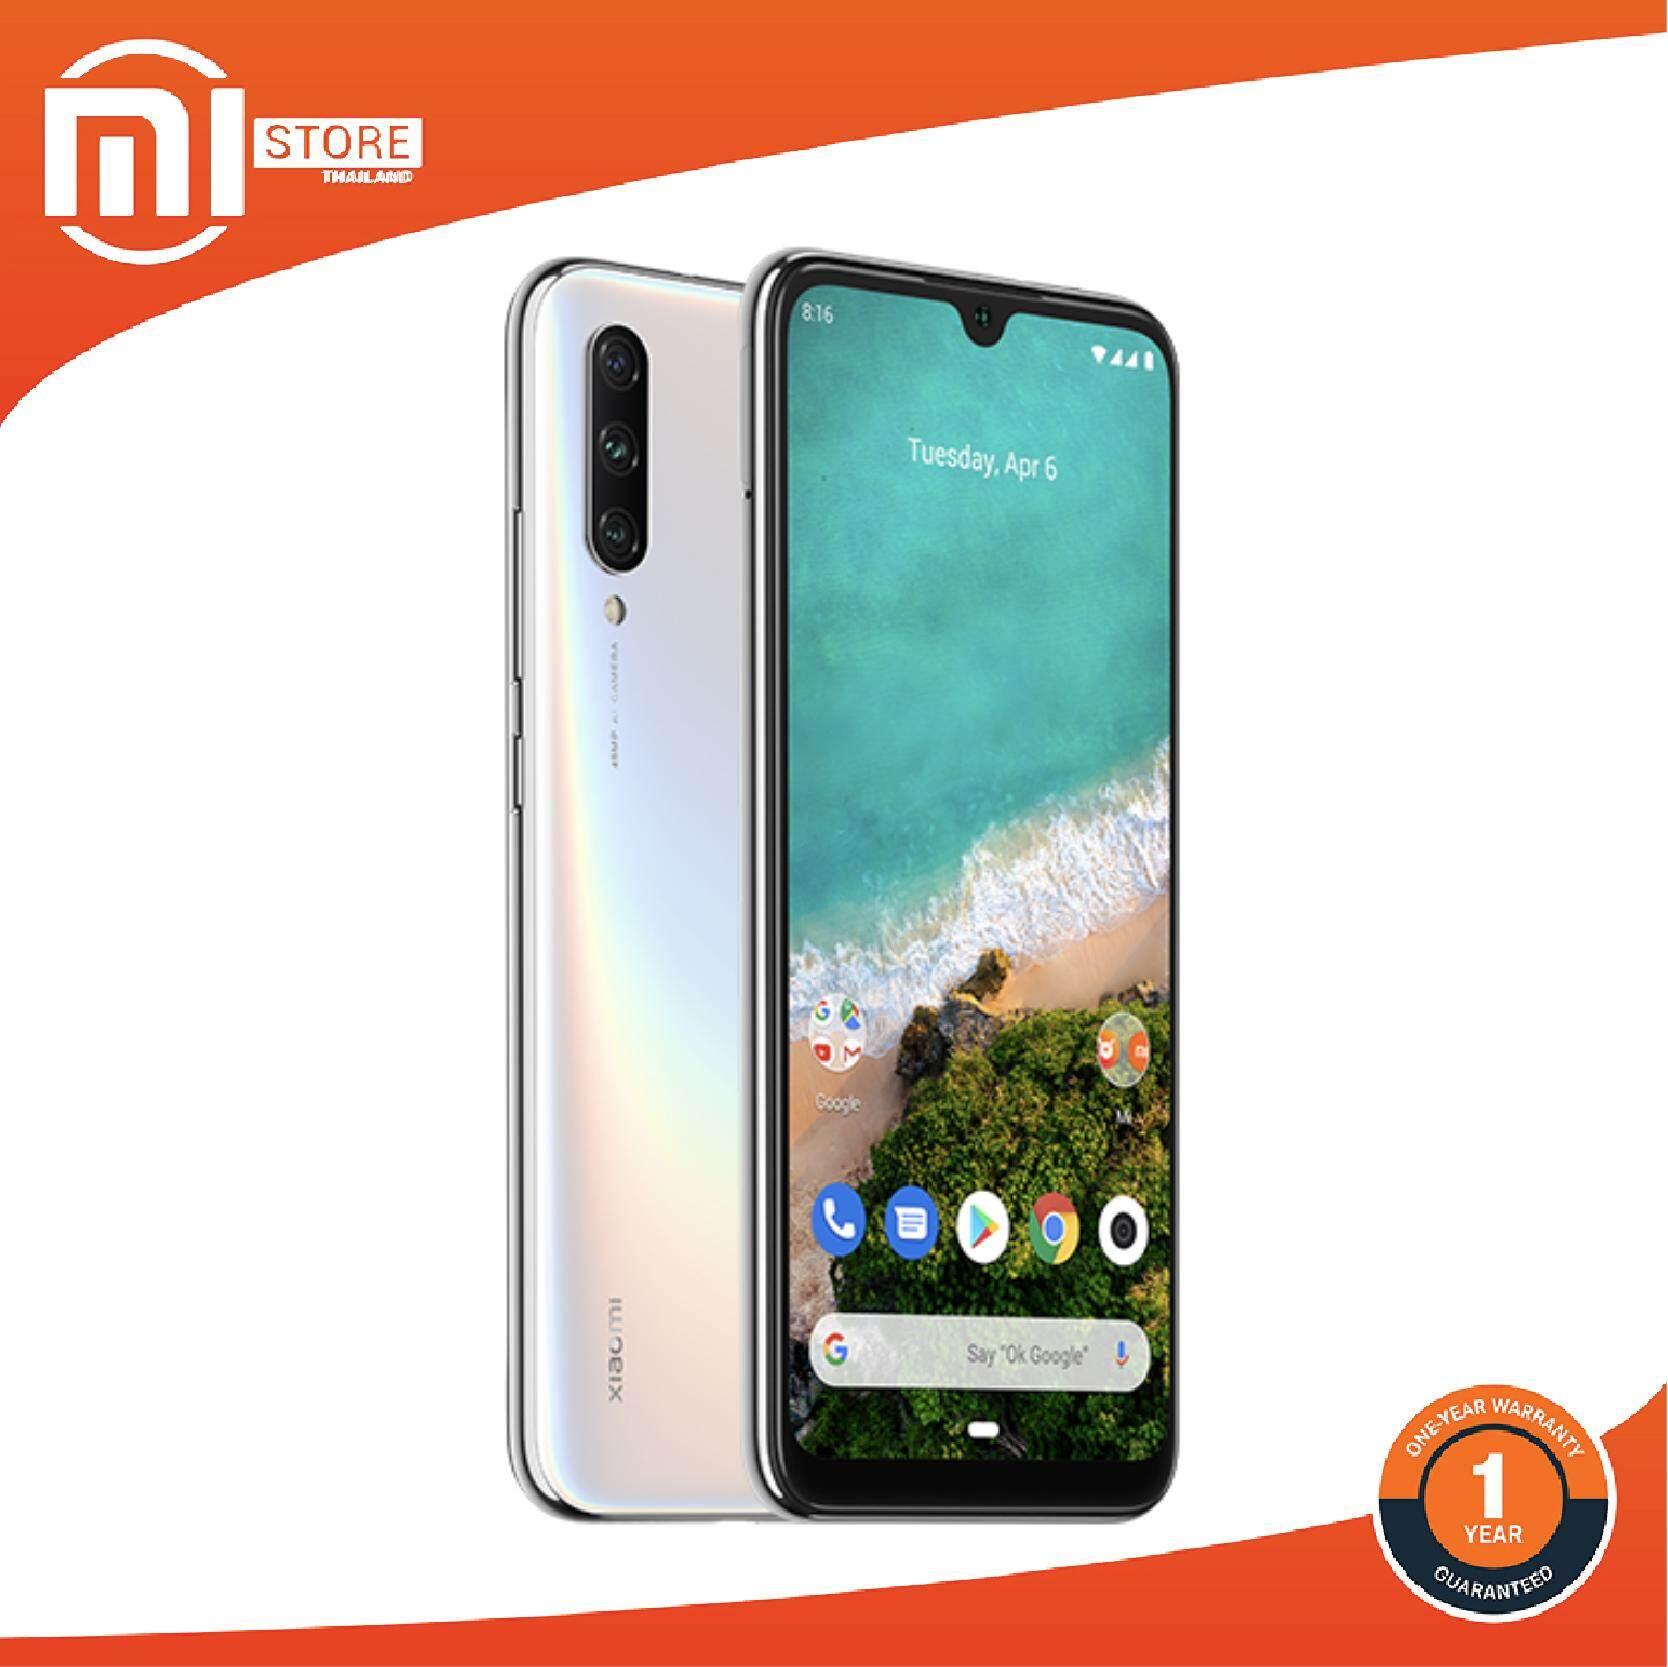 สมุทรสงคราม (สินค้าพร้อมส่ง) (ผ่อน 0% 10เดือน) Mi Store - Smart Phone Xiaomi Mi A3 6.088 นิ้ว HD + หน้าจอ 4G LTE สมาร์ทโฟน Snapdragon 665 Android One Ram4GB/ Rom128GB โทรศัพท์รุ่นบุกเบิกด้วยสามกล้องหลัง รุ่นทั่วโลก